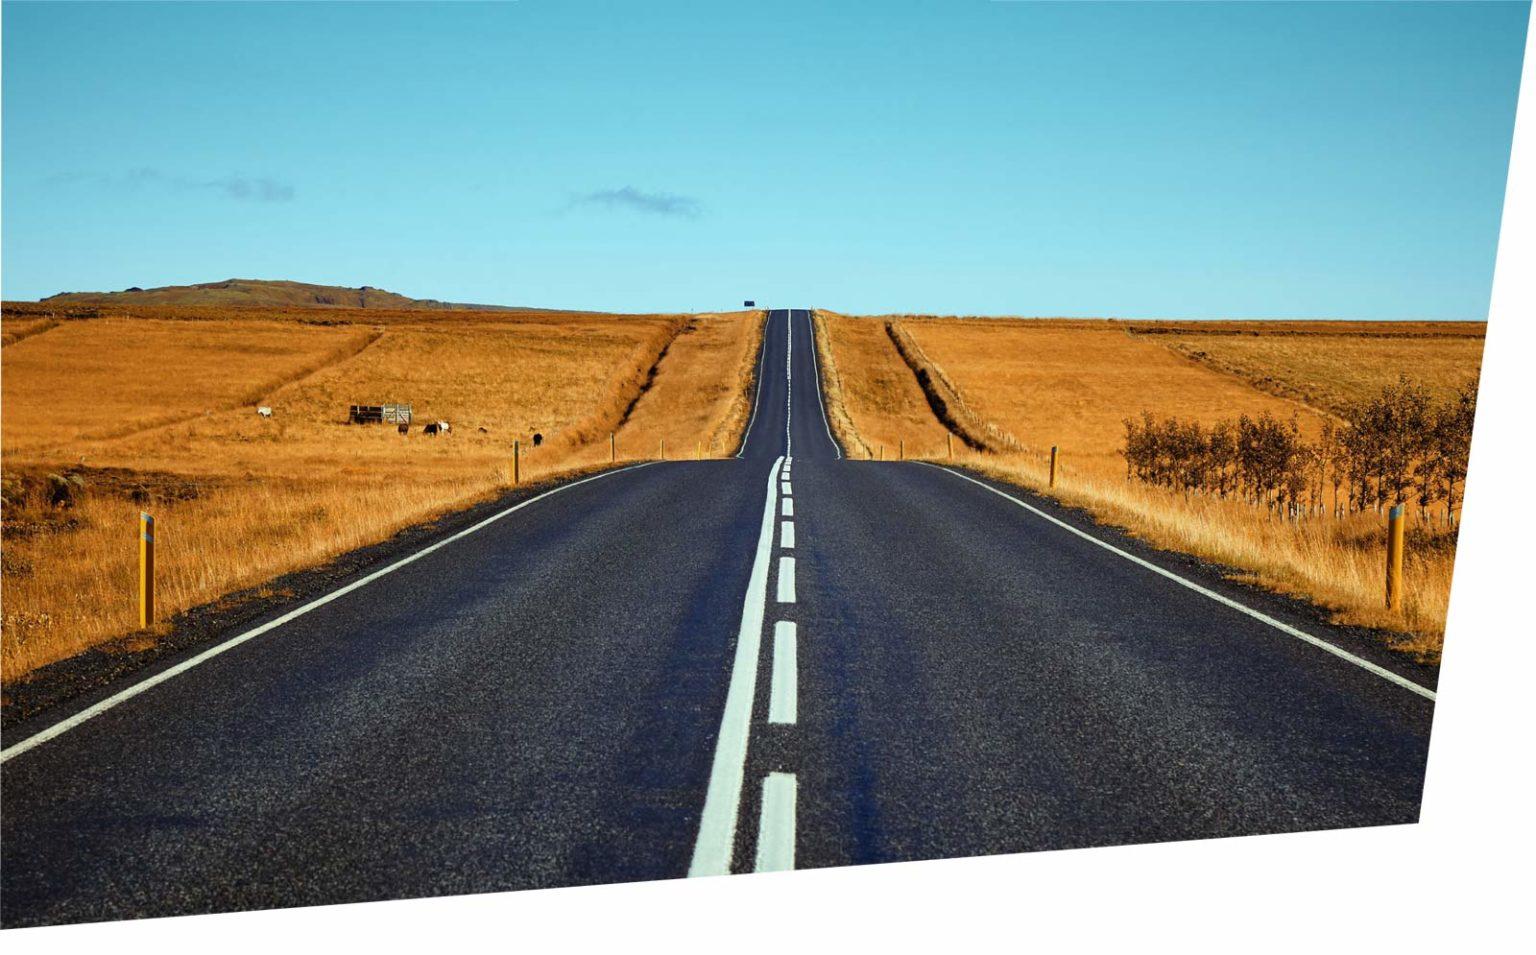 Fokus aufs Wesentliche: Gerade Straße durch die Landschaft